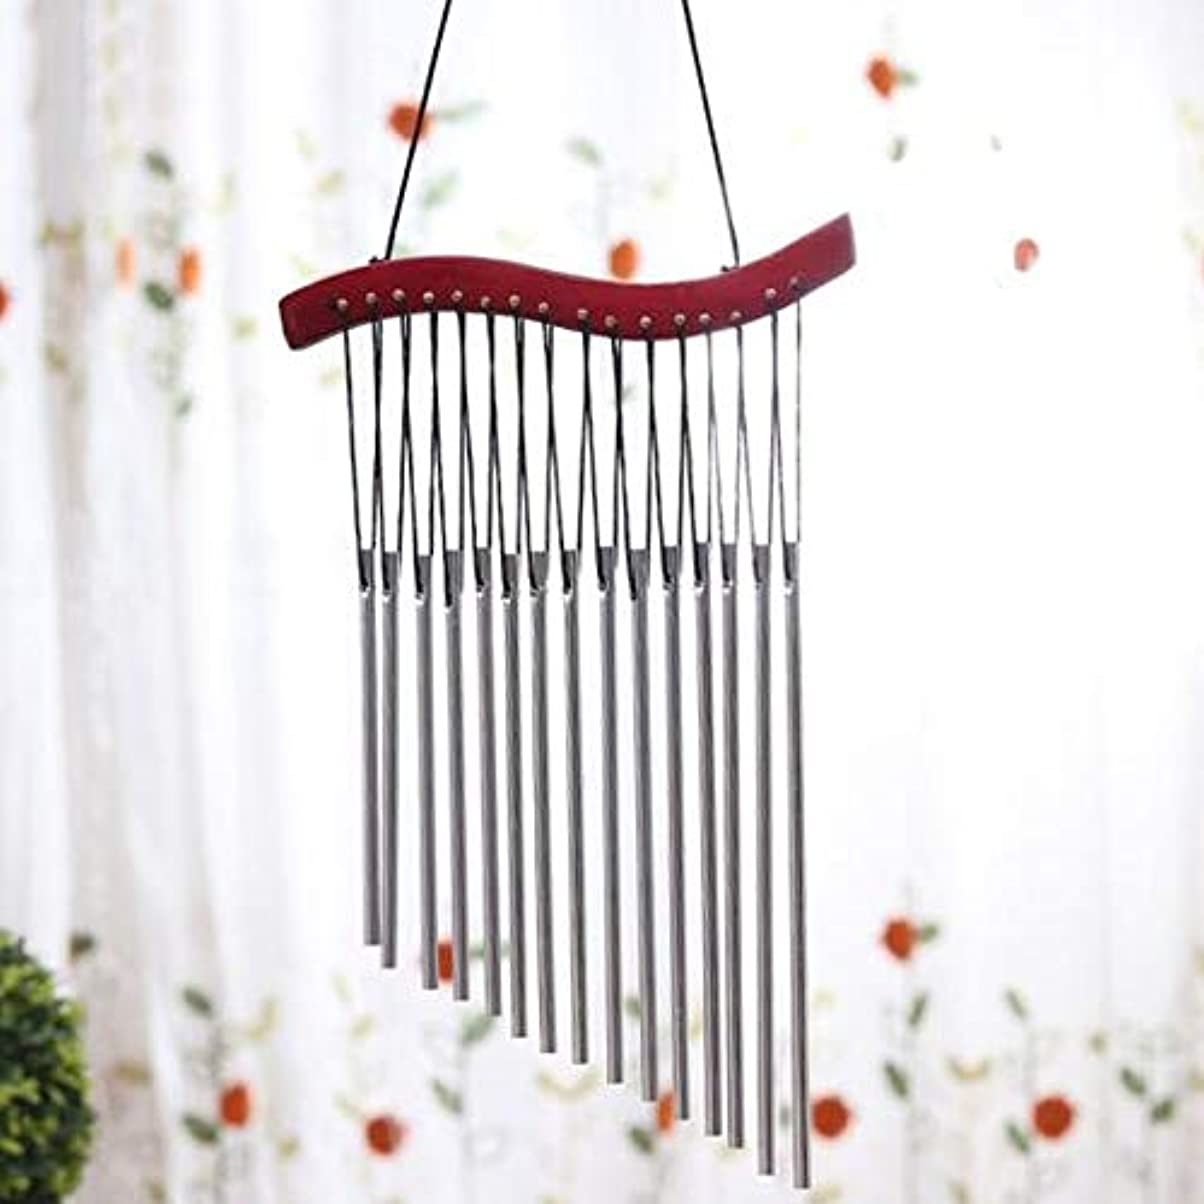 叫ぶベンチ効果的Fengshangshanghang 風チャイム、木製メタルクリエイティブ風の鐘、赤、全身について45CM,家の装飾 (Color : D)